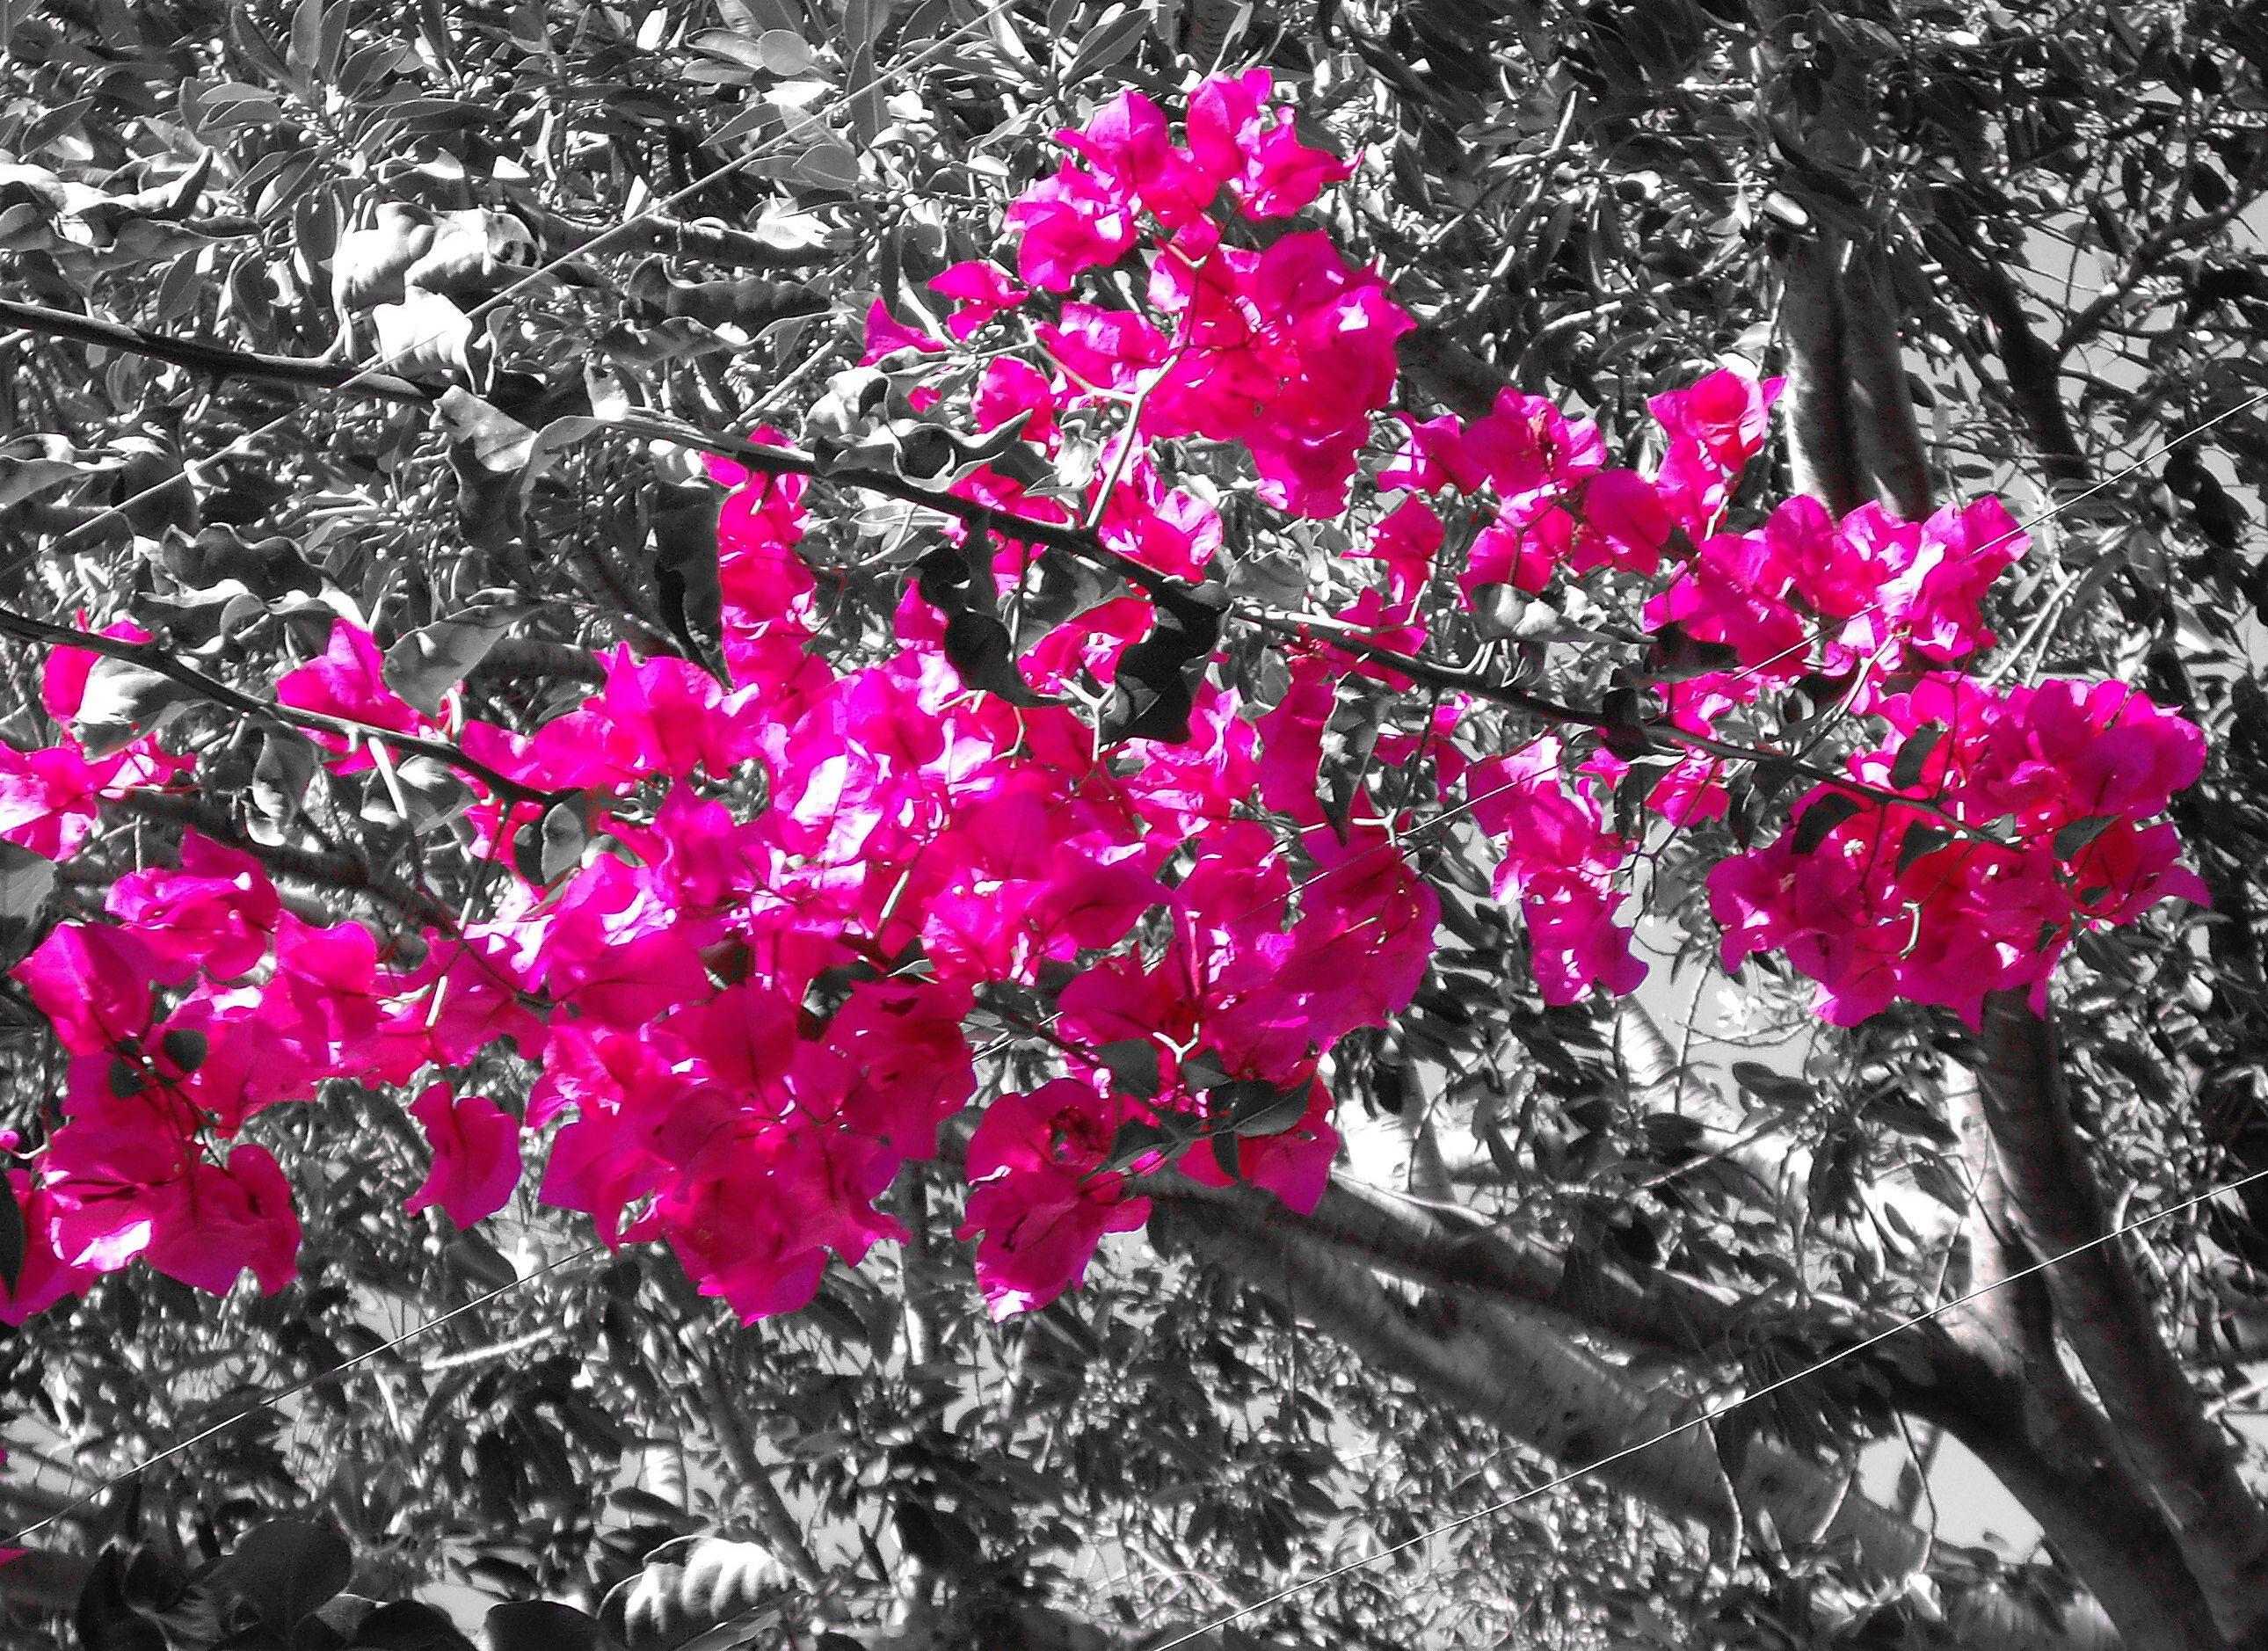 Shades of pink wikipedia the free encyclopedia splash of color shades of pink wikipedia the free encyclopedia mightylinksfo